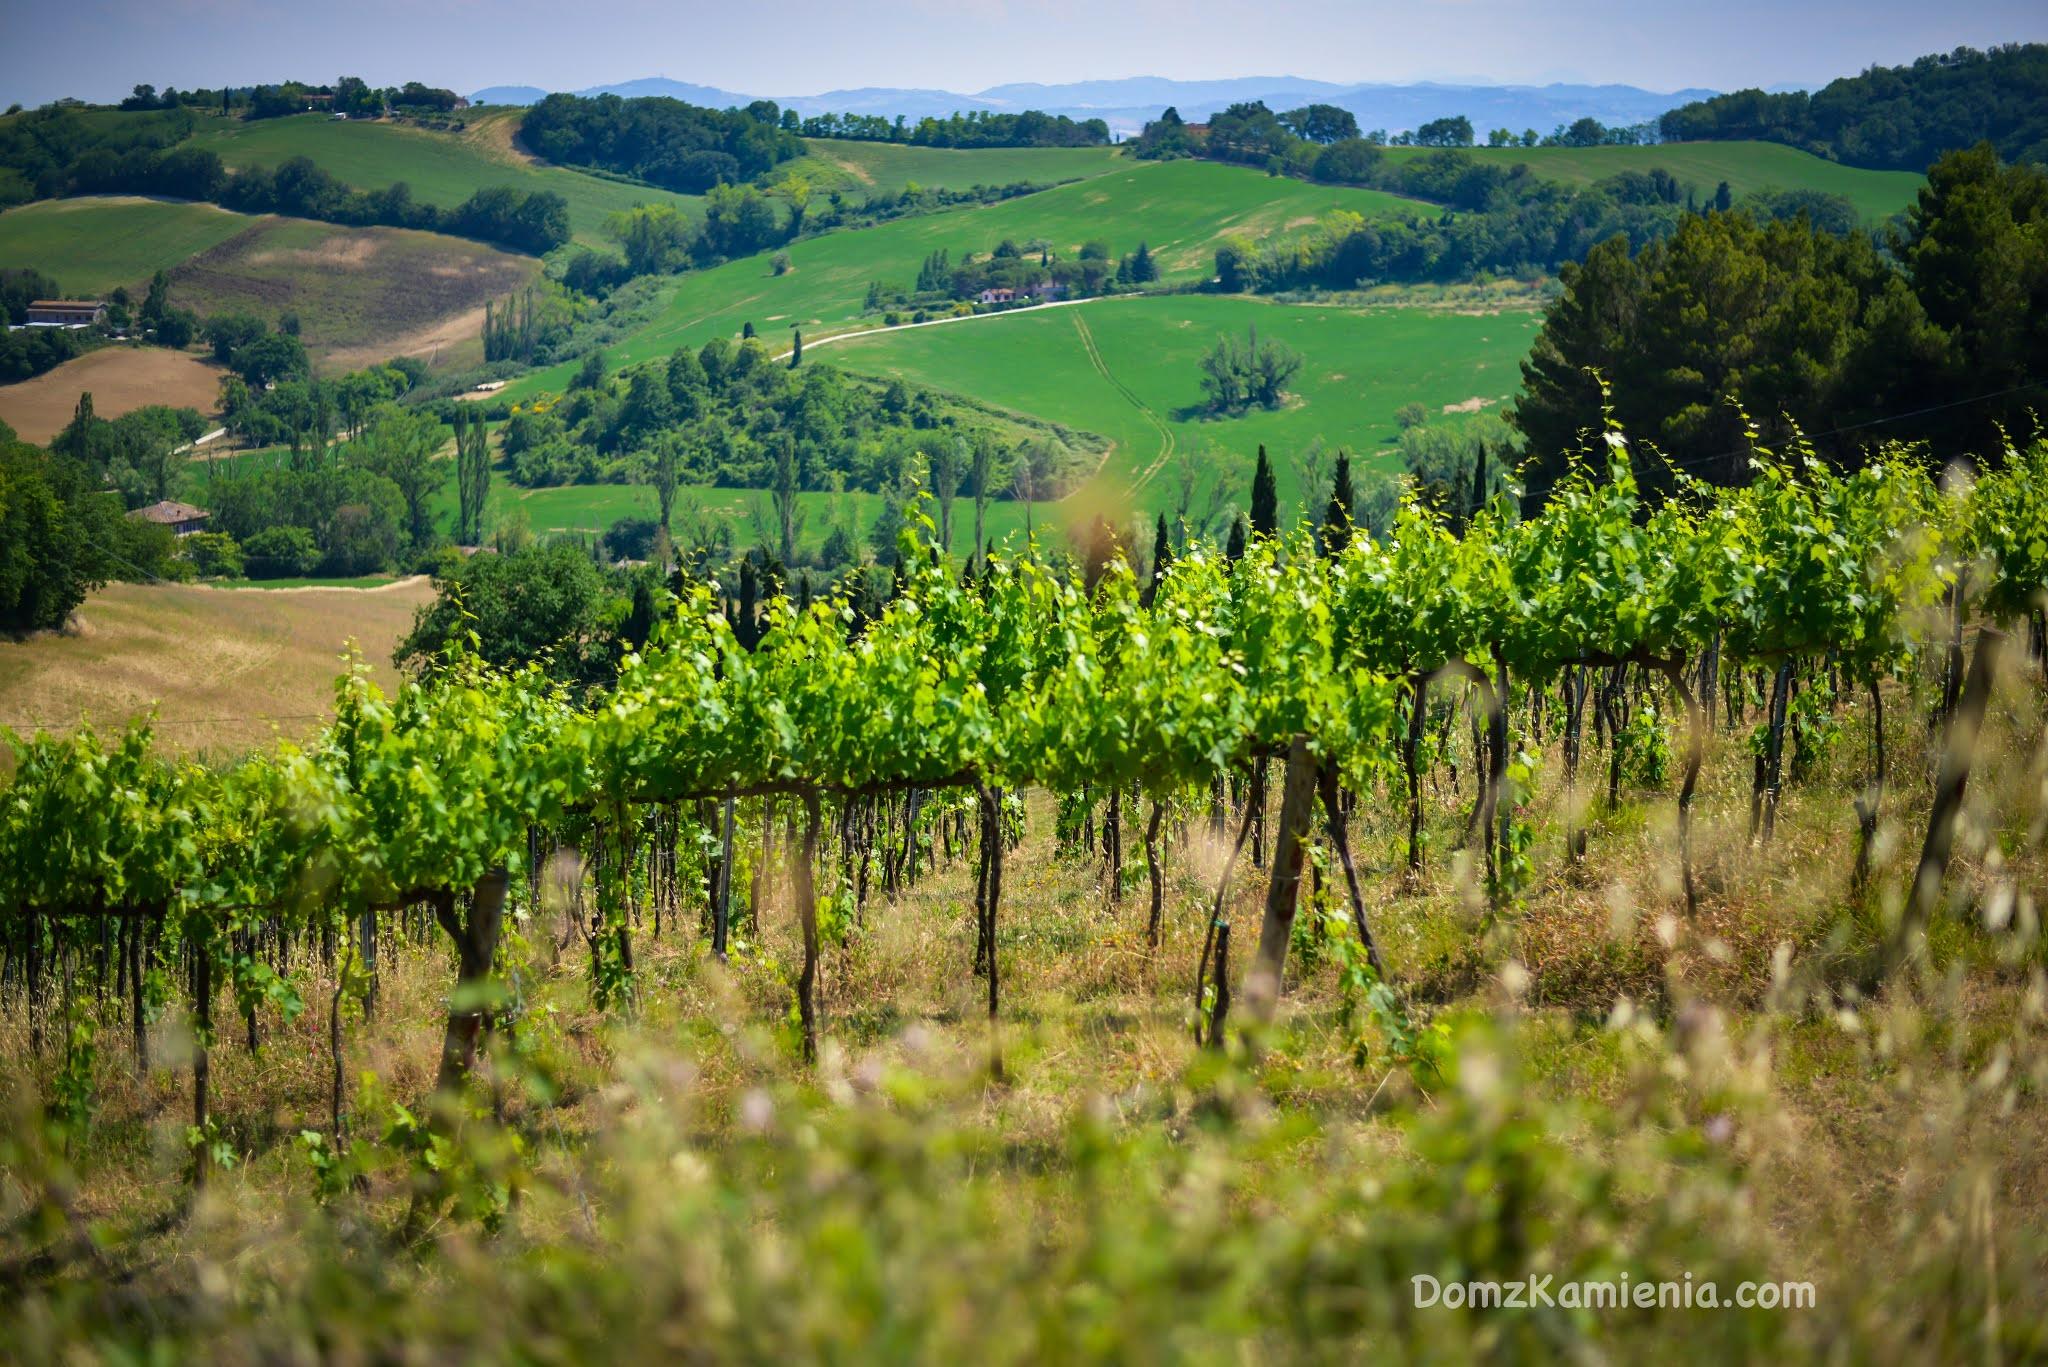 Monte San Bartolo - Dom z Kamienia blog o życiu we Włoszech